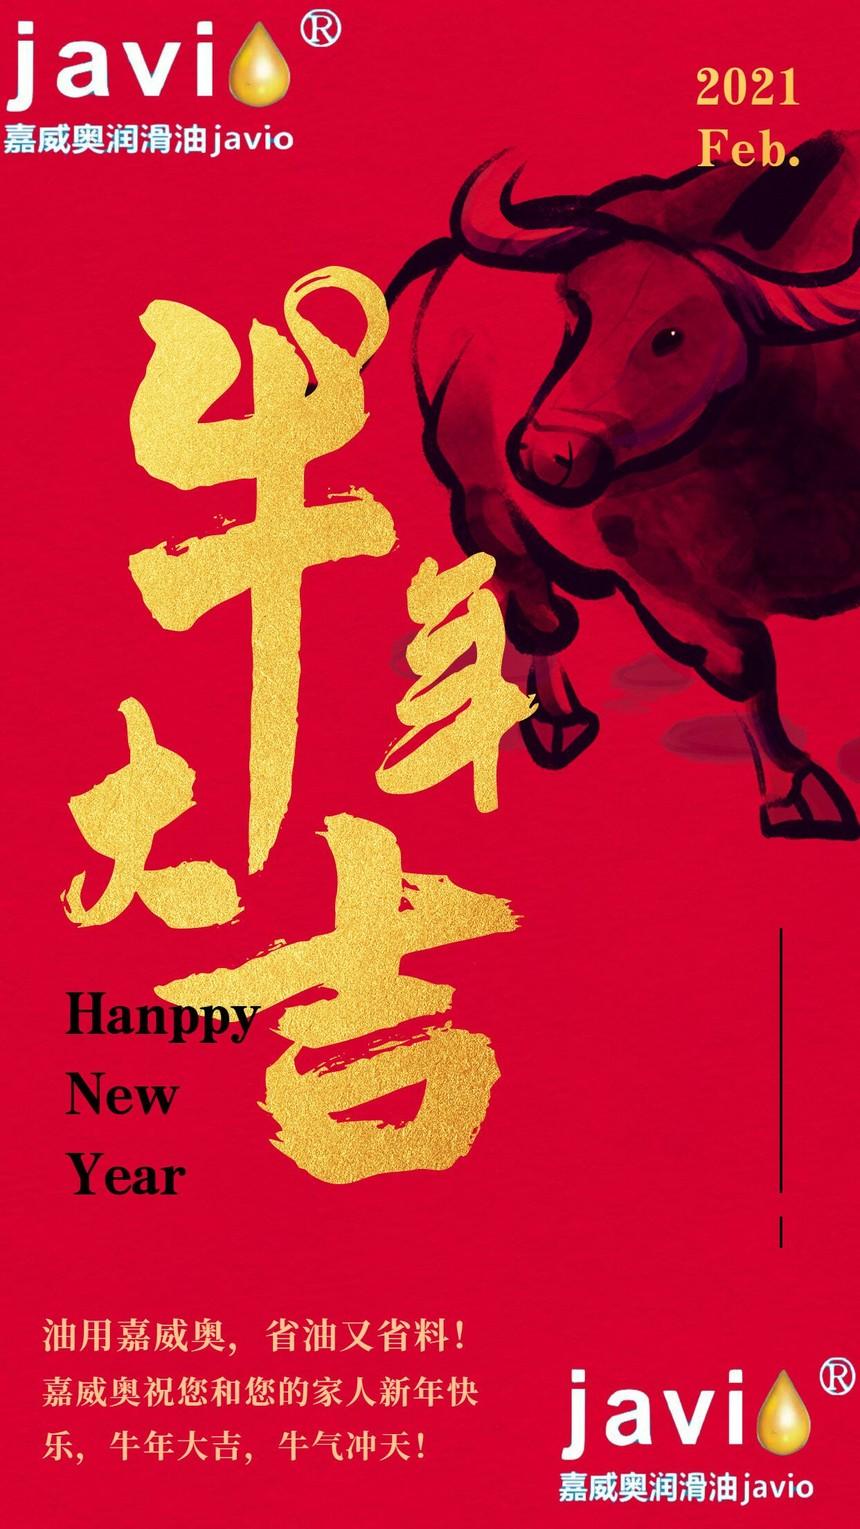 新年祝福帖.jpg